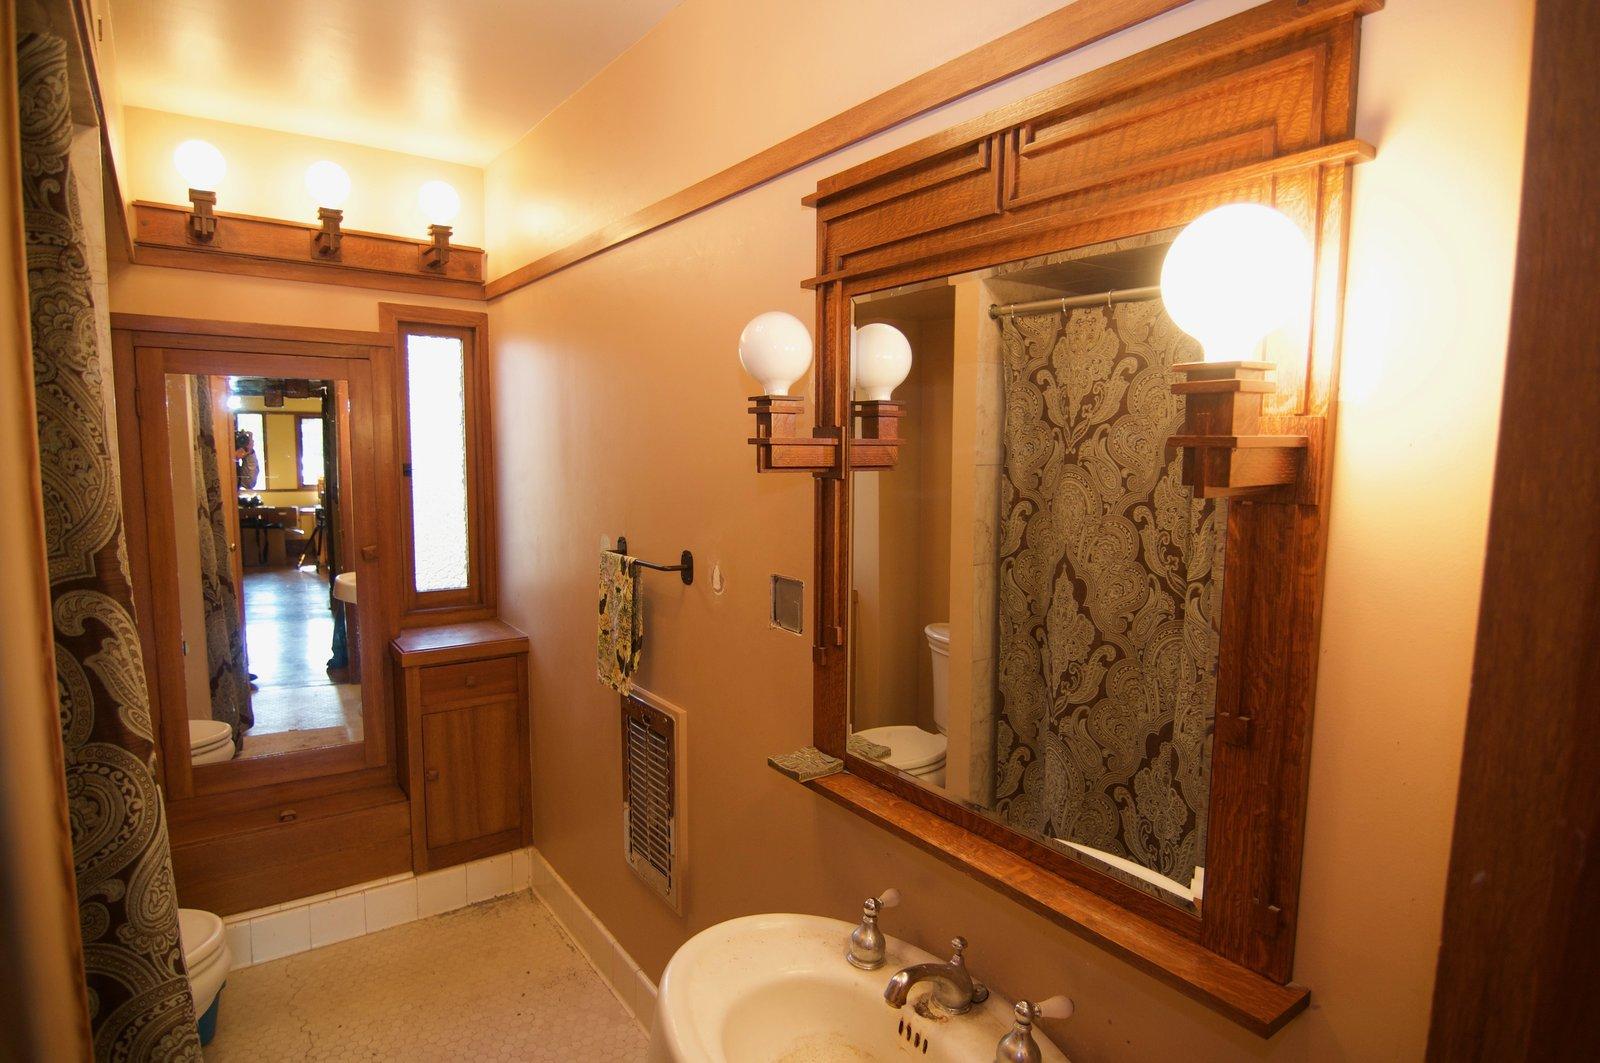 Bathroom fixtures.